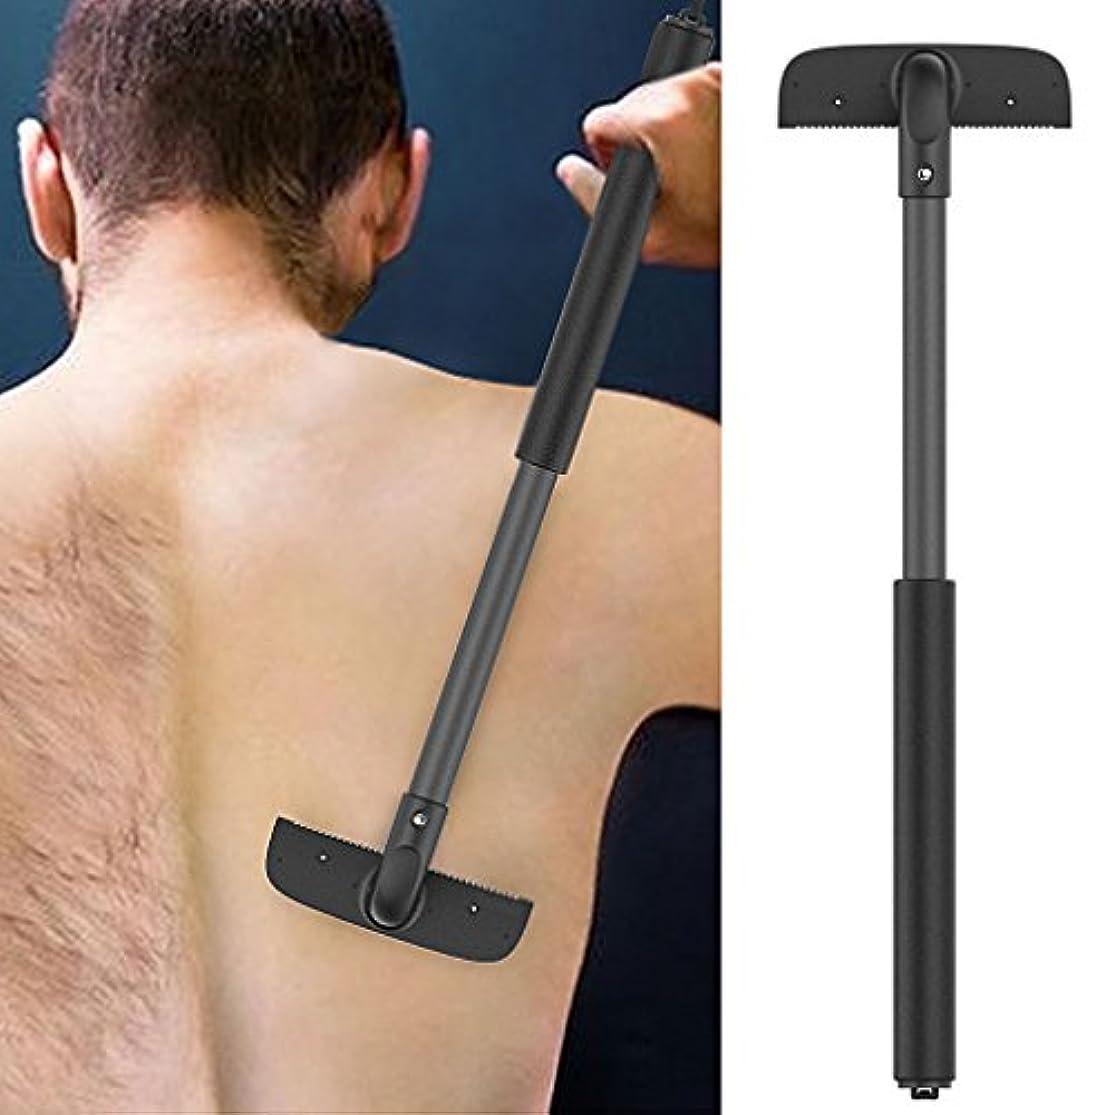 オレンジ王子報復するバックヘア、Back Hair Removal And Body Shaver,調節可能/拡張可能なボディヘアボディーシェーバートリマーカミソリセルフグルーミングツール、男性のためのカミソリ